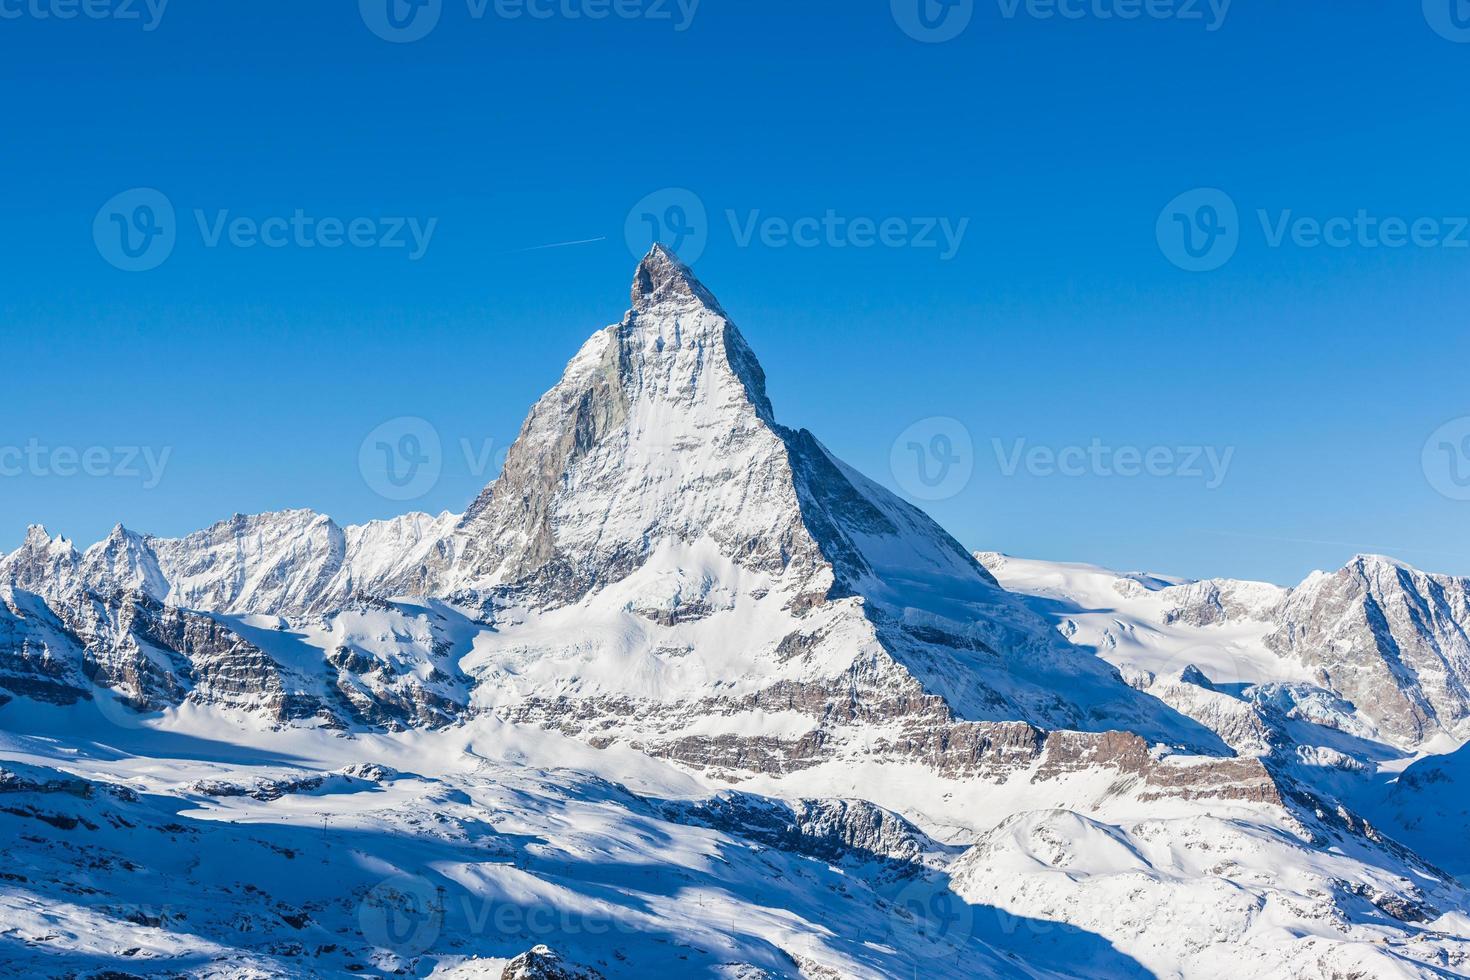 vista de Matterhorn em um dia ensolarado foto